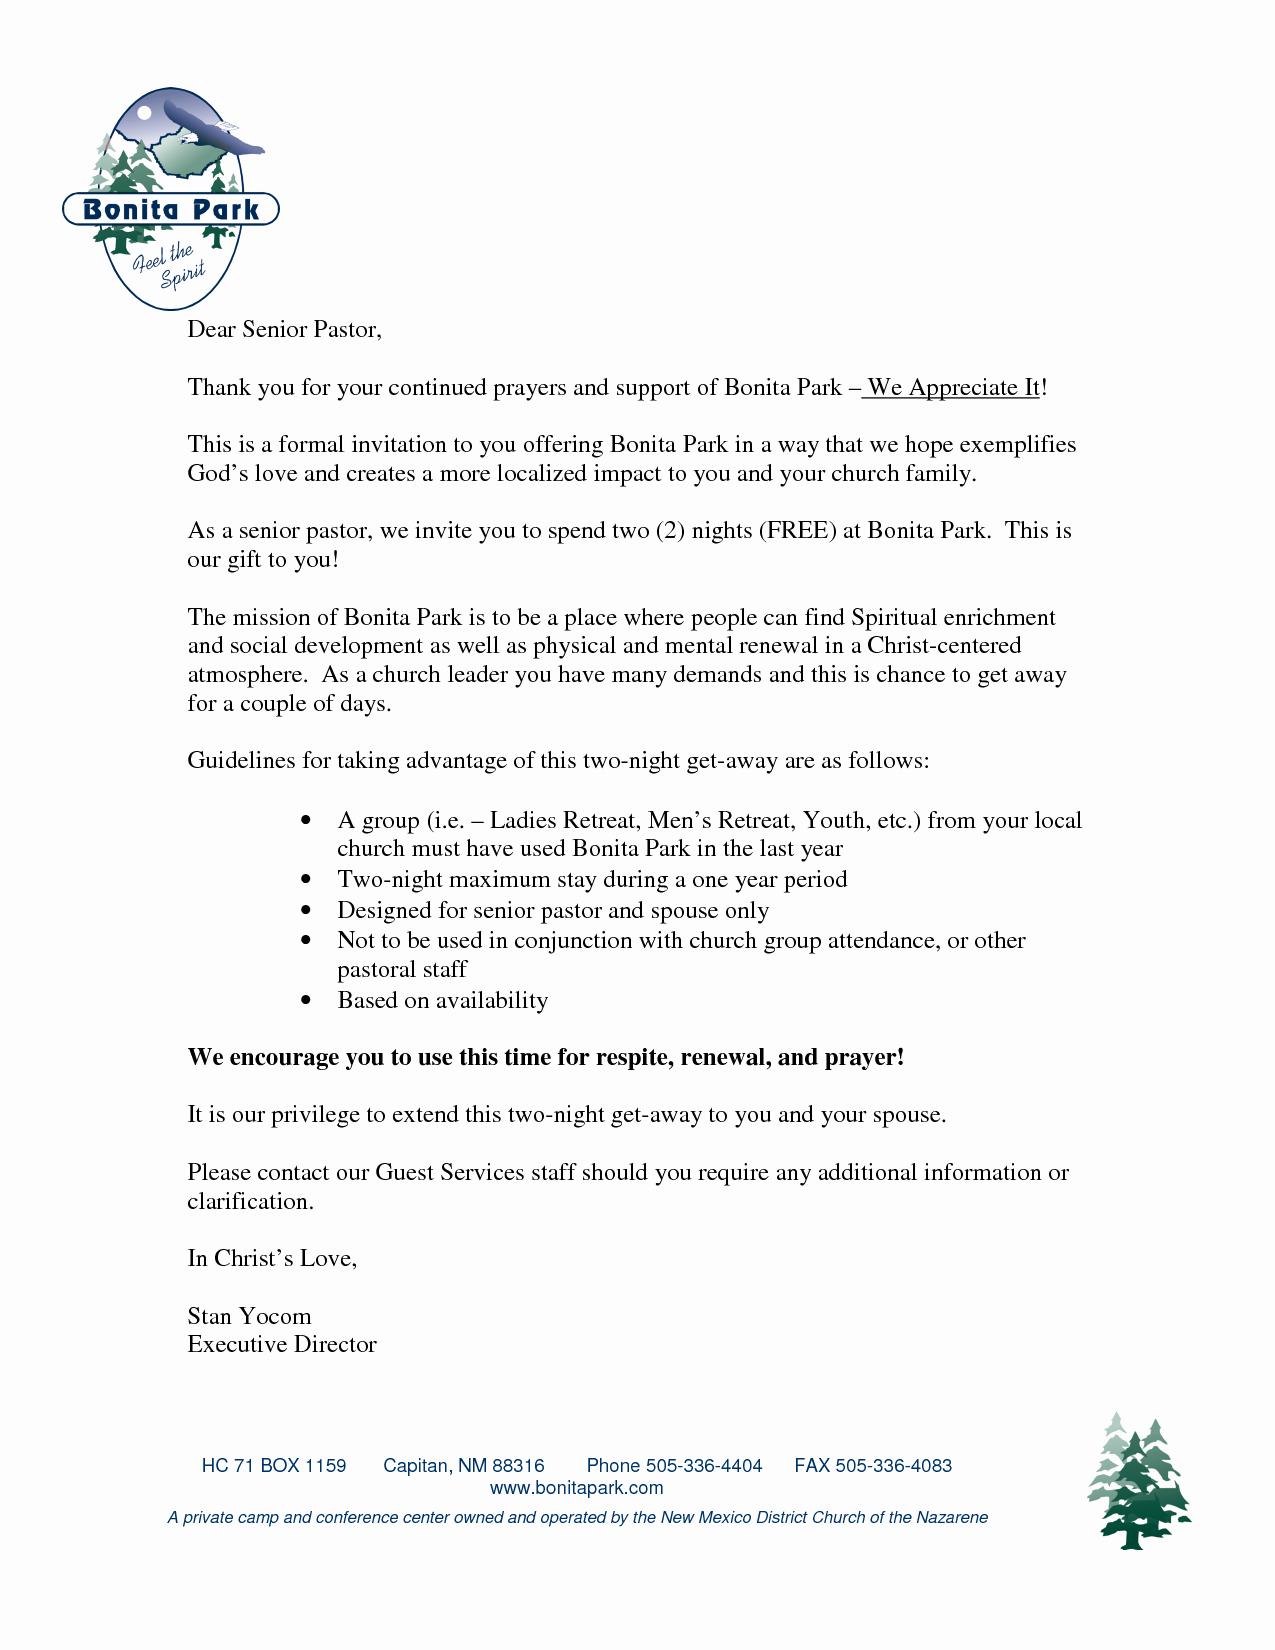 Pastor Anniversary Invitation Letter Elegant 7 Best S Of Pastors Appreciation Letters Invitations